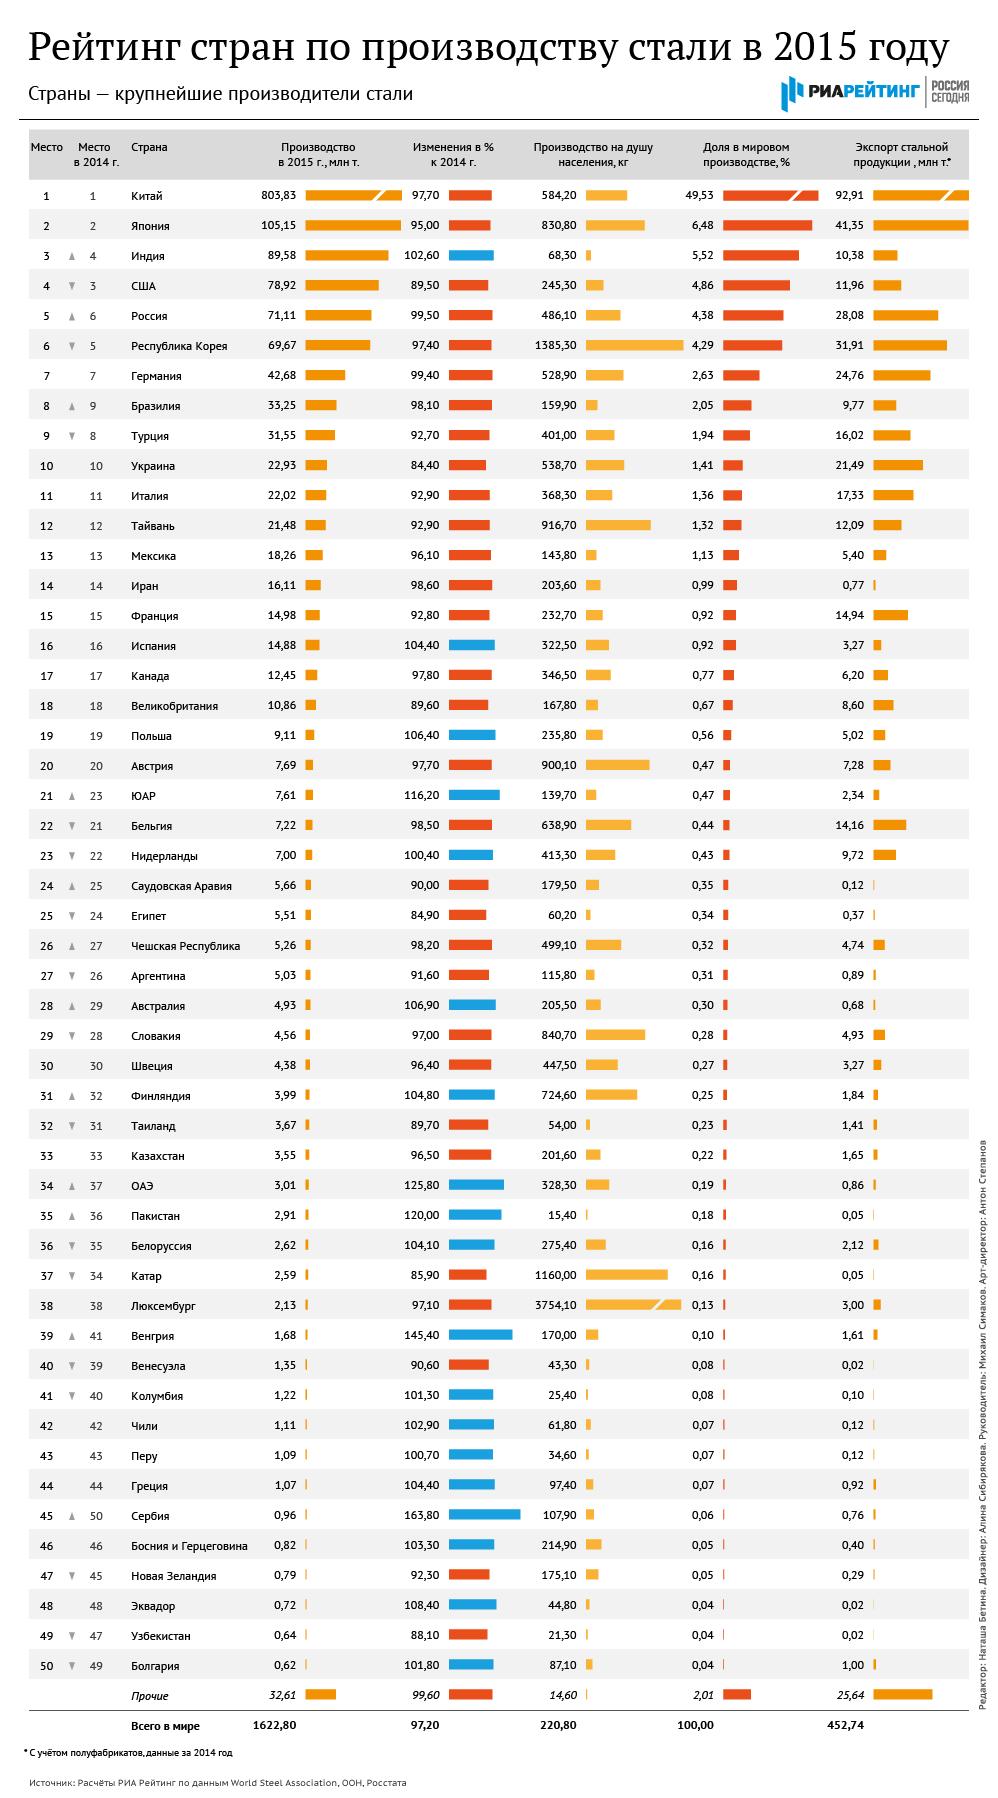 Рейтинг стран по производству стали в 2015 году